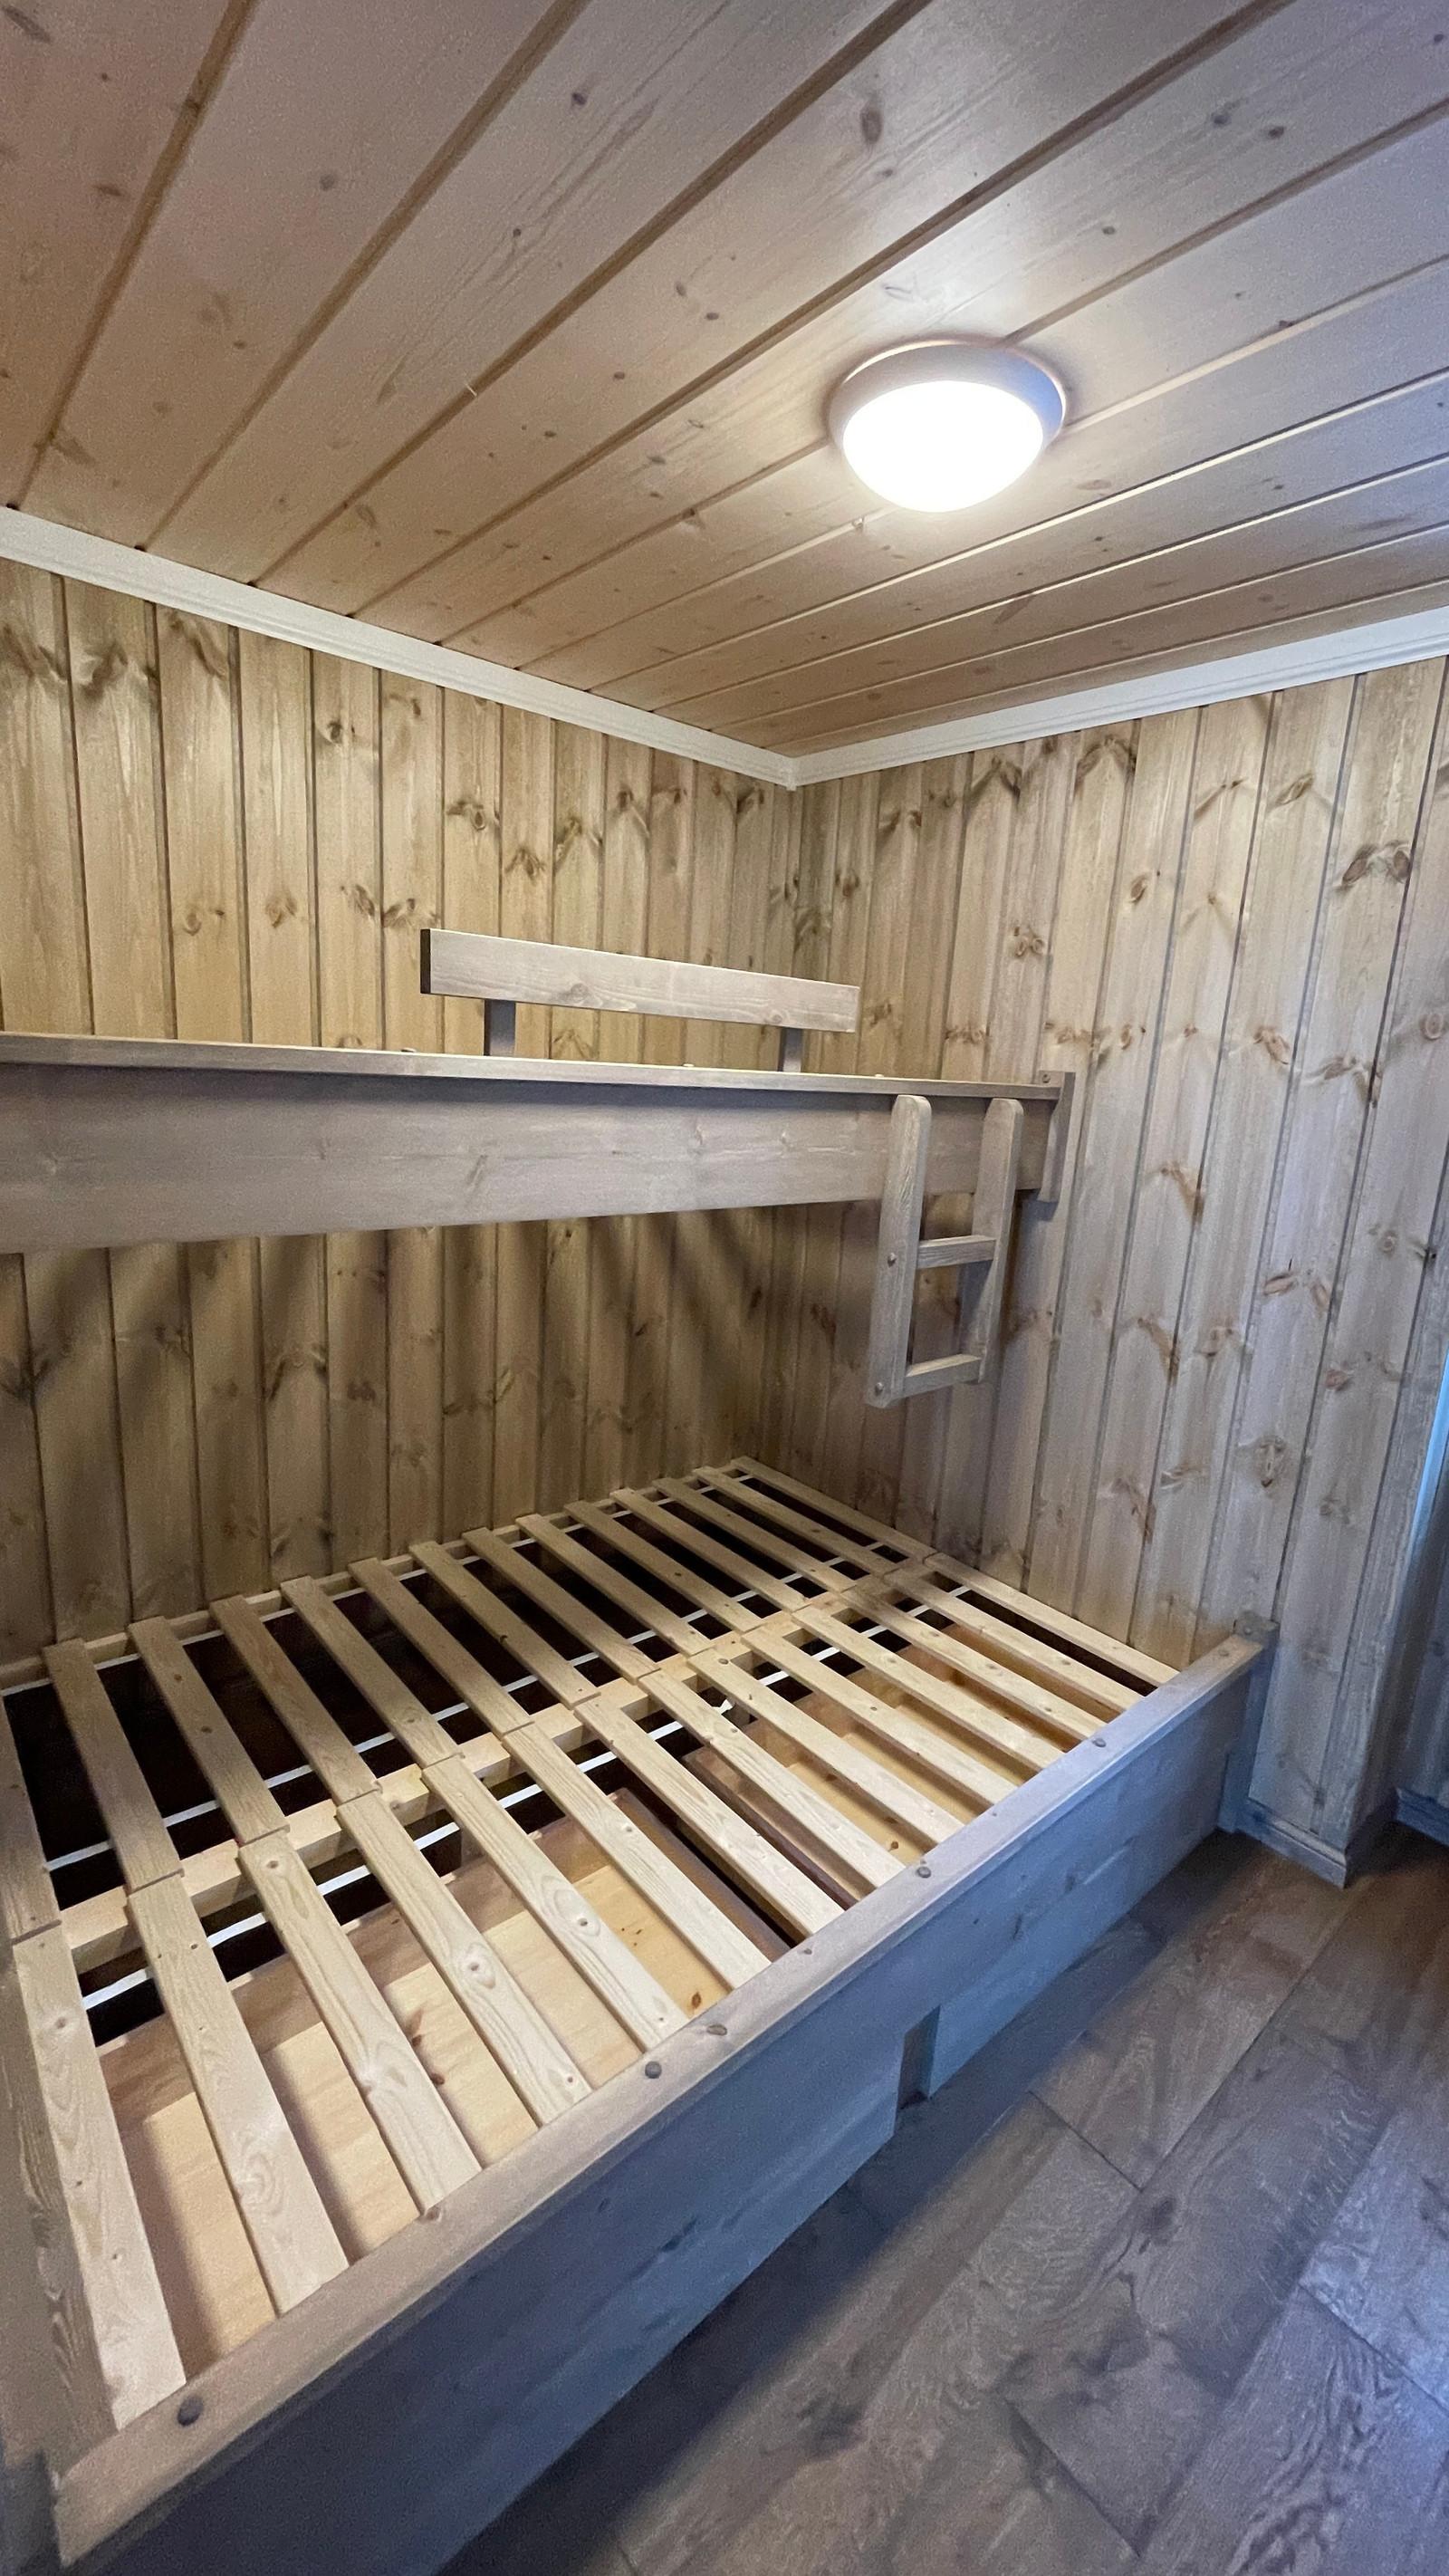 Sov 3. med plassbyggett familie seng.